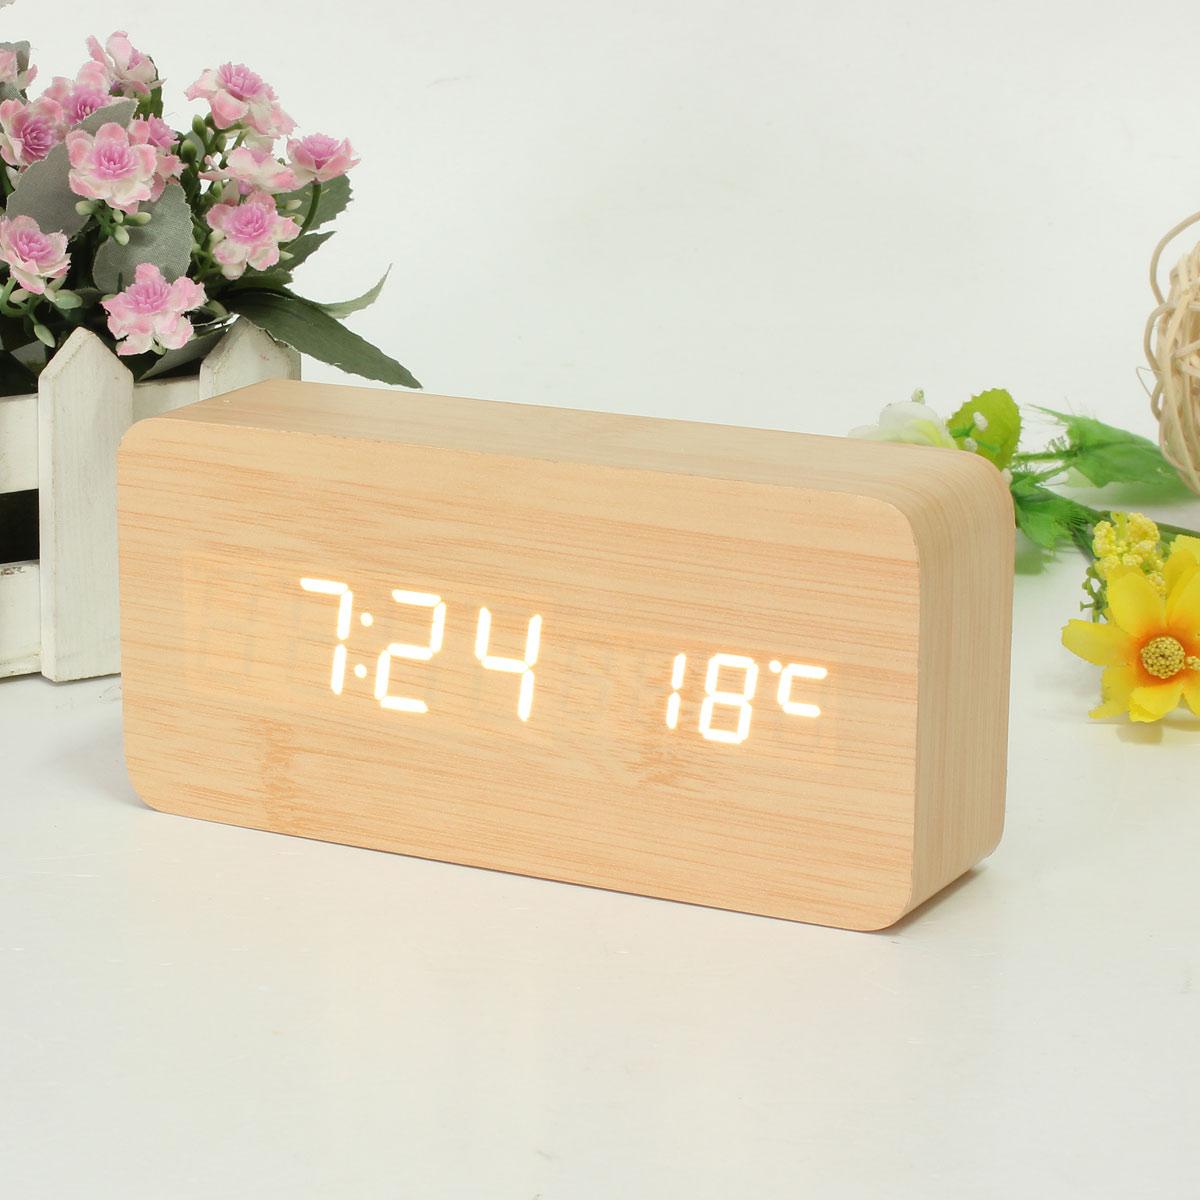 elektrische wooden holz digital led wecker uhr alarm zeit kalender thermometer ebay. Black Bedroom Furniture Sets. Home Design Ideas